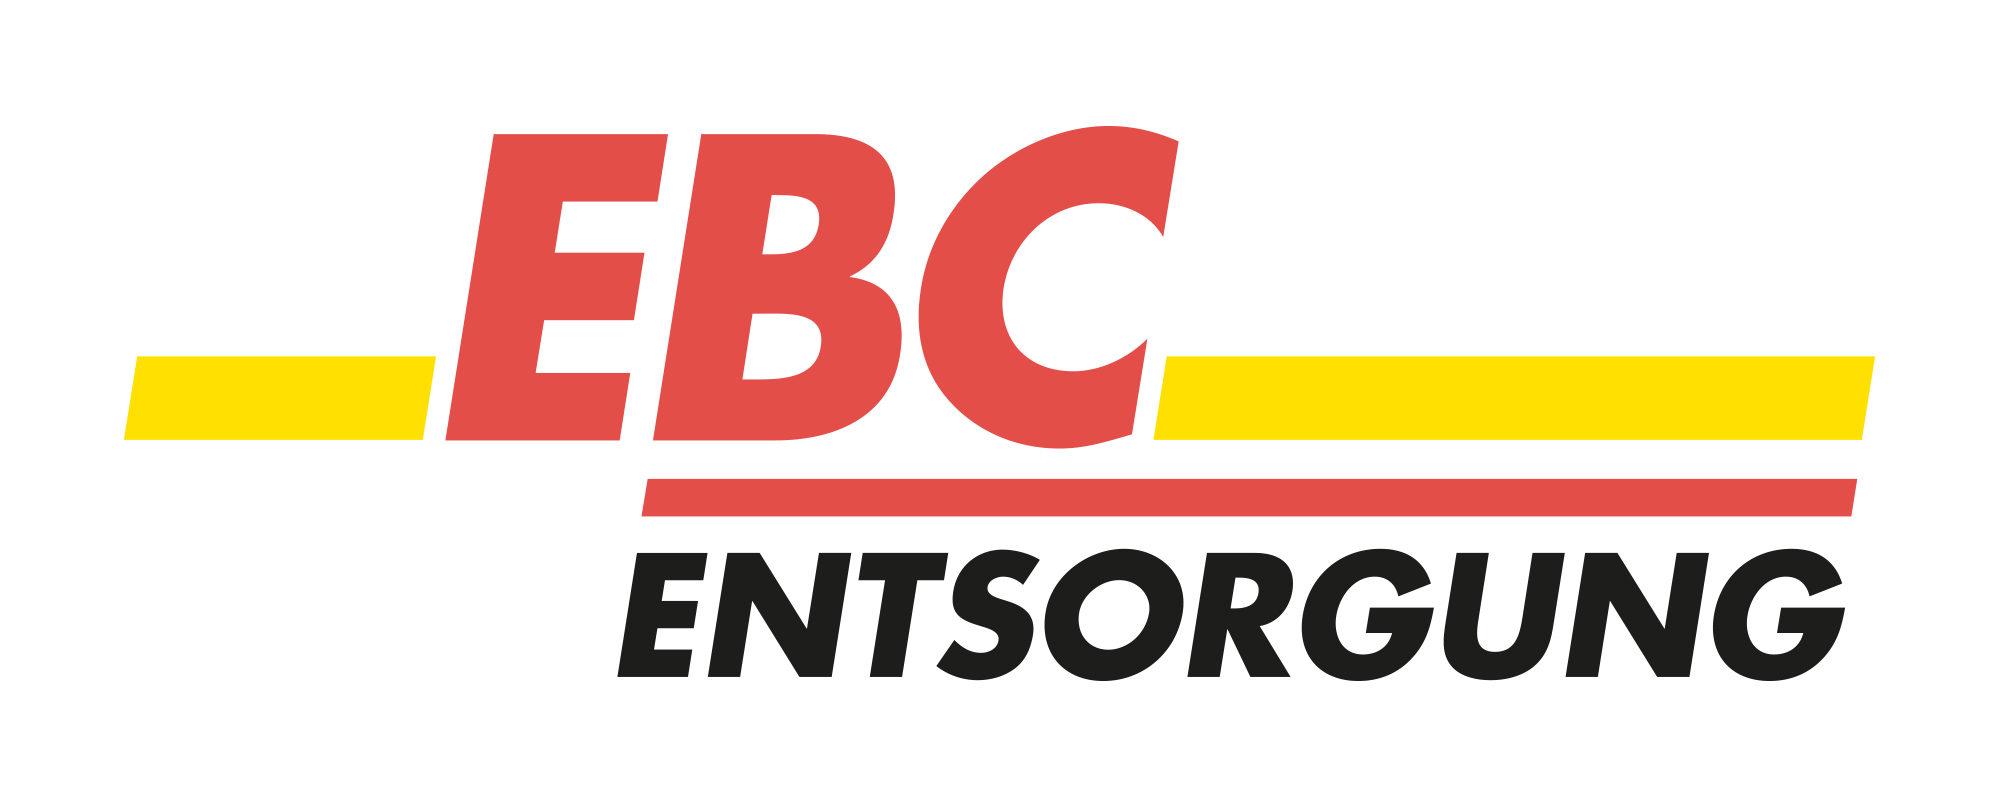 EBC Entsorgung